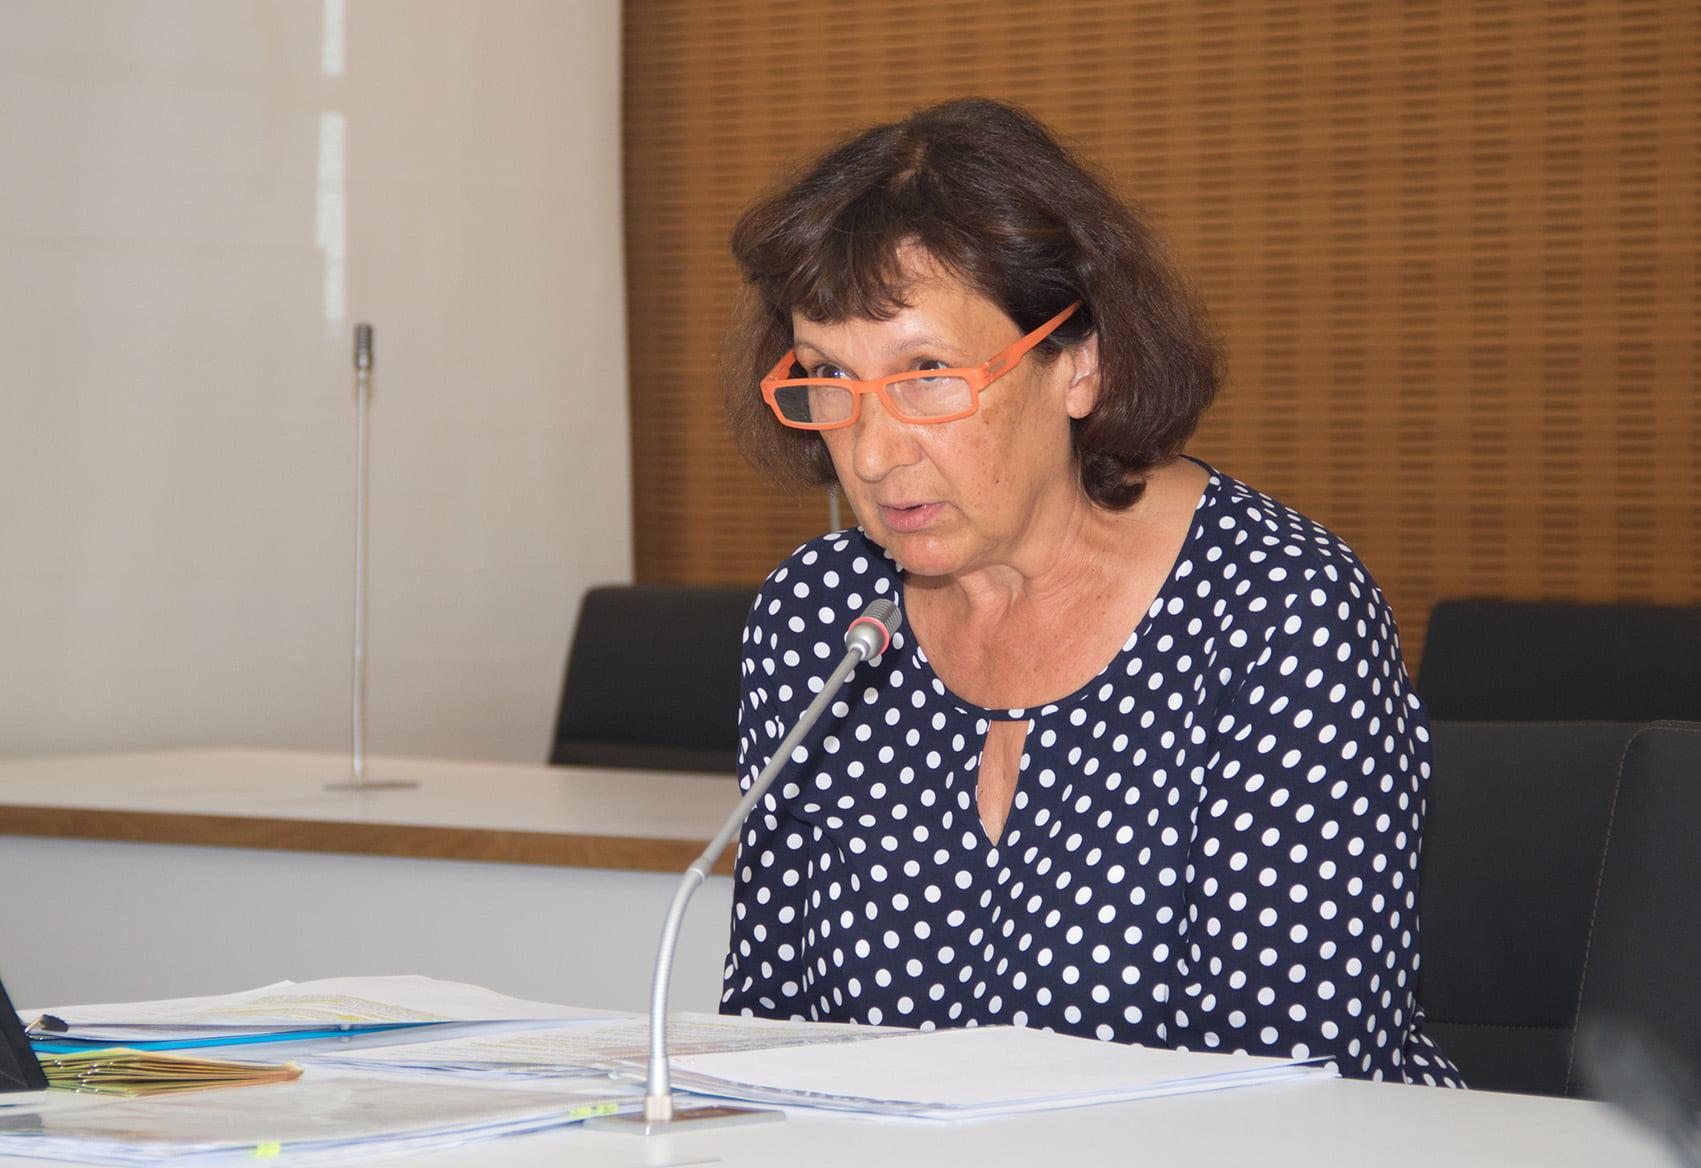 Anita Schindler, Leiterin der Germeringer Insel